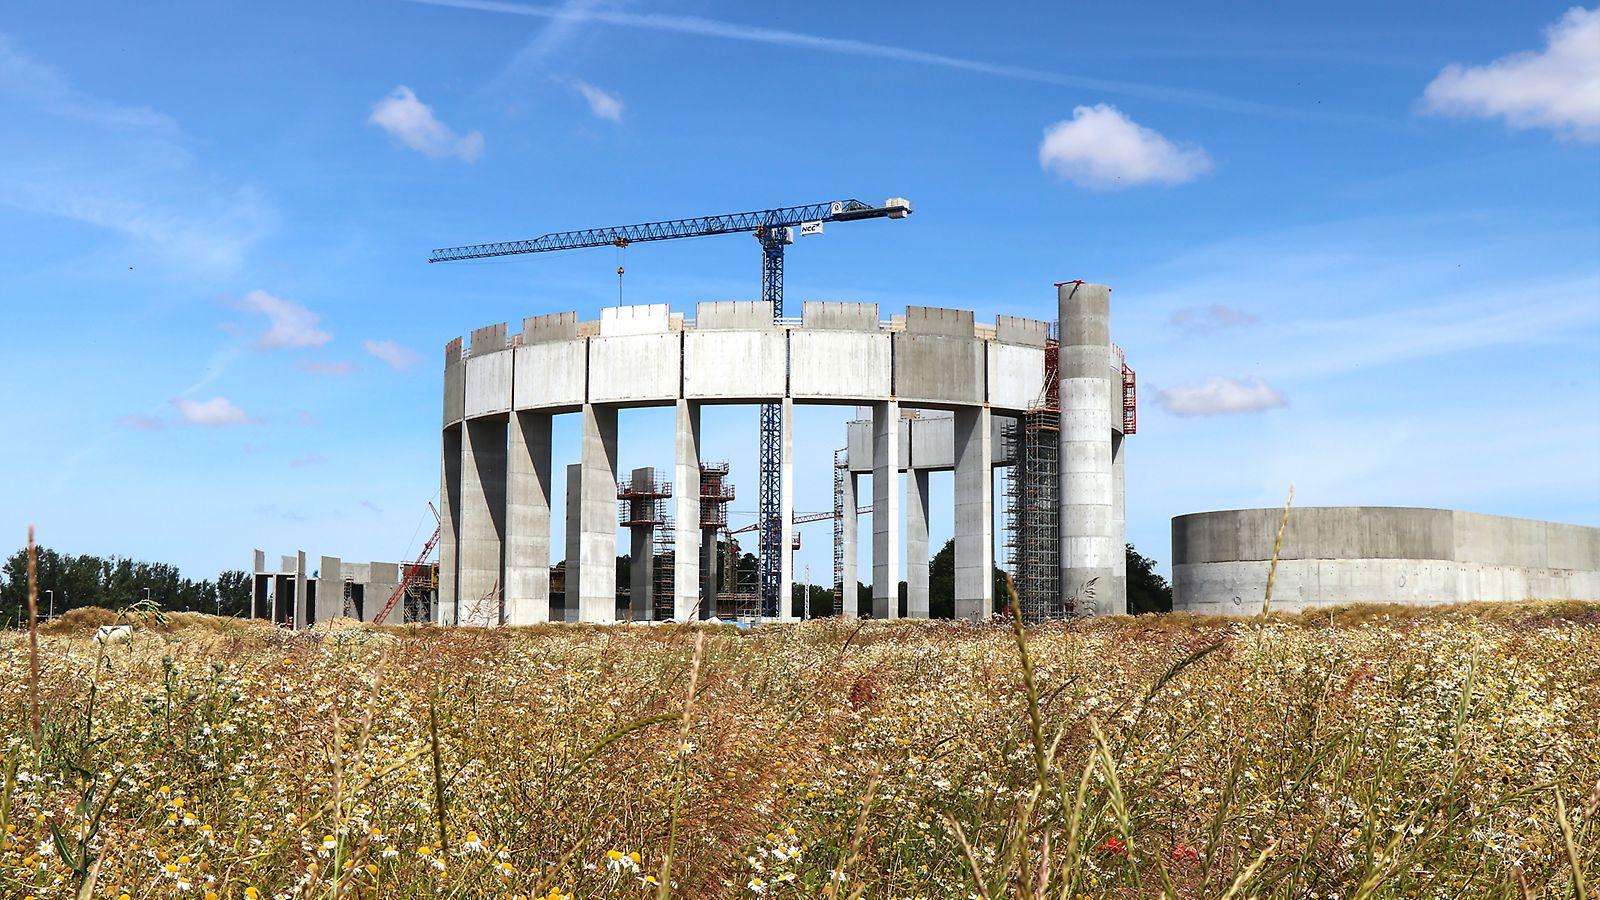 Nya vattentornet i Helsingborg - 40 meter hög med betongring som är 90 m i diameter och vilar på 24 betongpelare